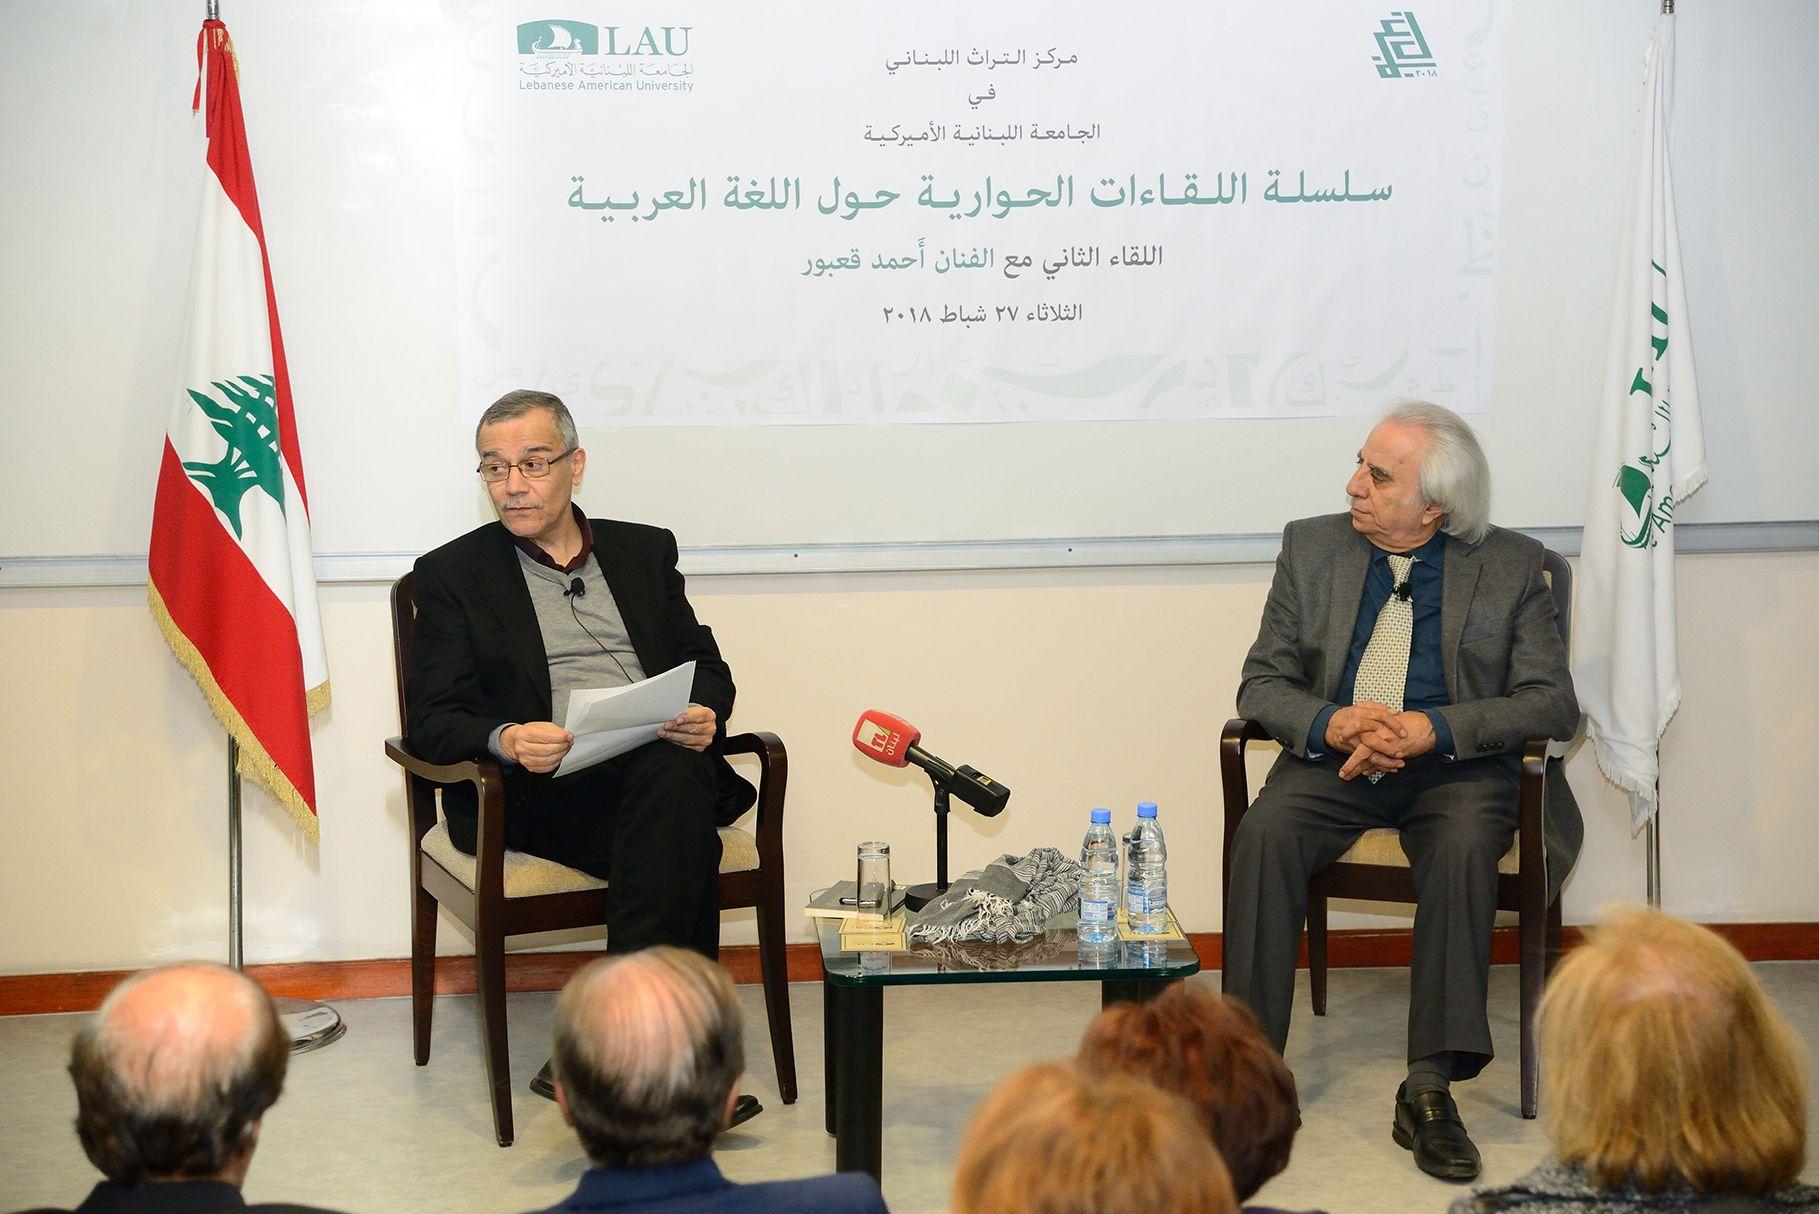 تستمر سداسية اللقاءات الحوارية حول اللغة العربية التي يقدمها مركز التراث اللبناني في الجامعة اللبنانية الاميركية وآخر اللقاءات كان مع الفنا Lau Shows Bus